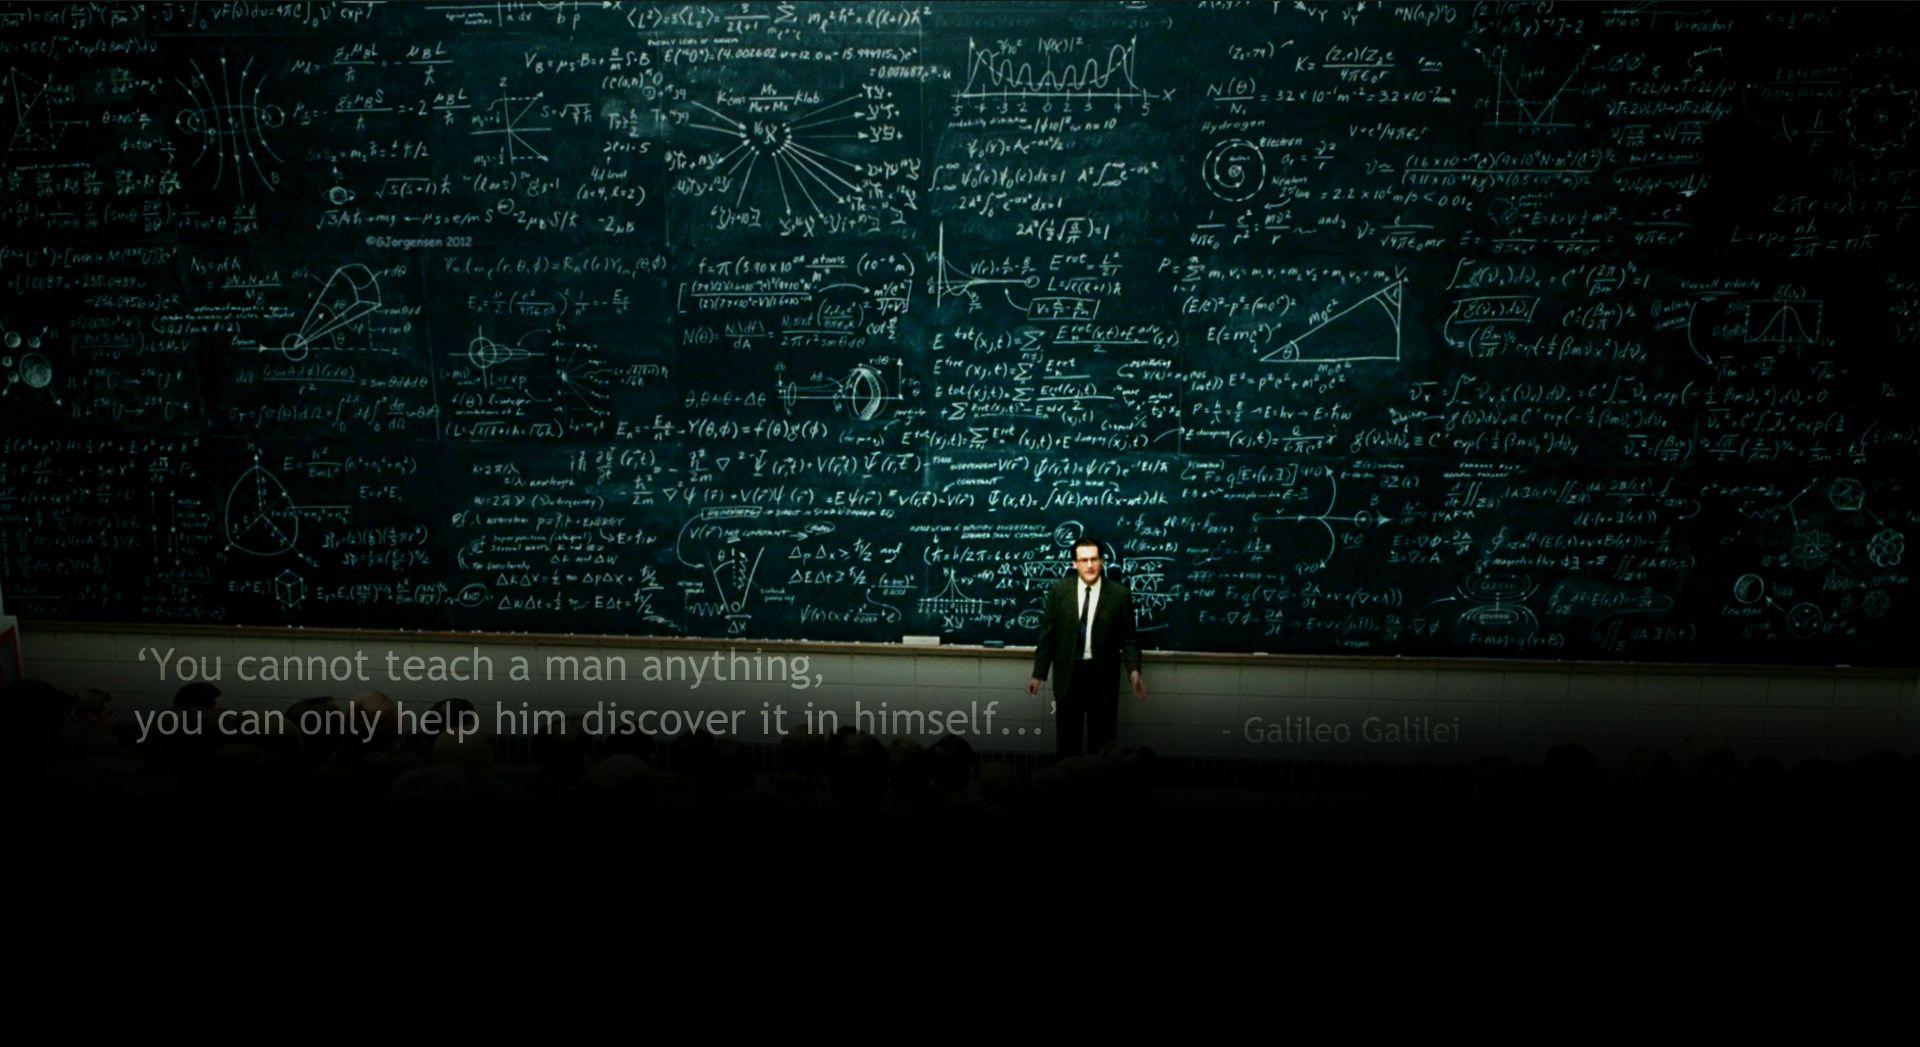 Fisica quantica einstein